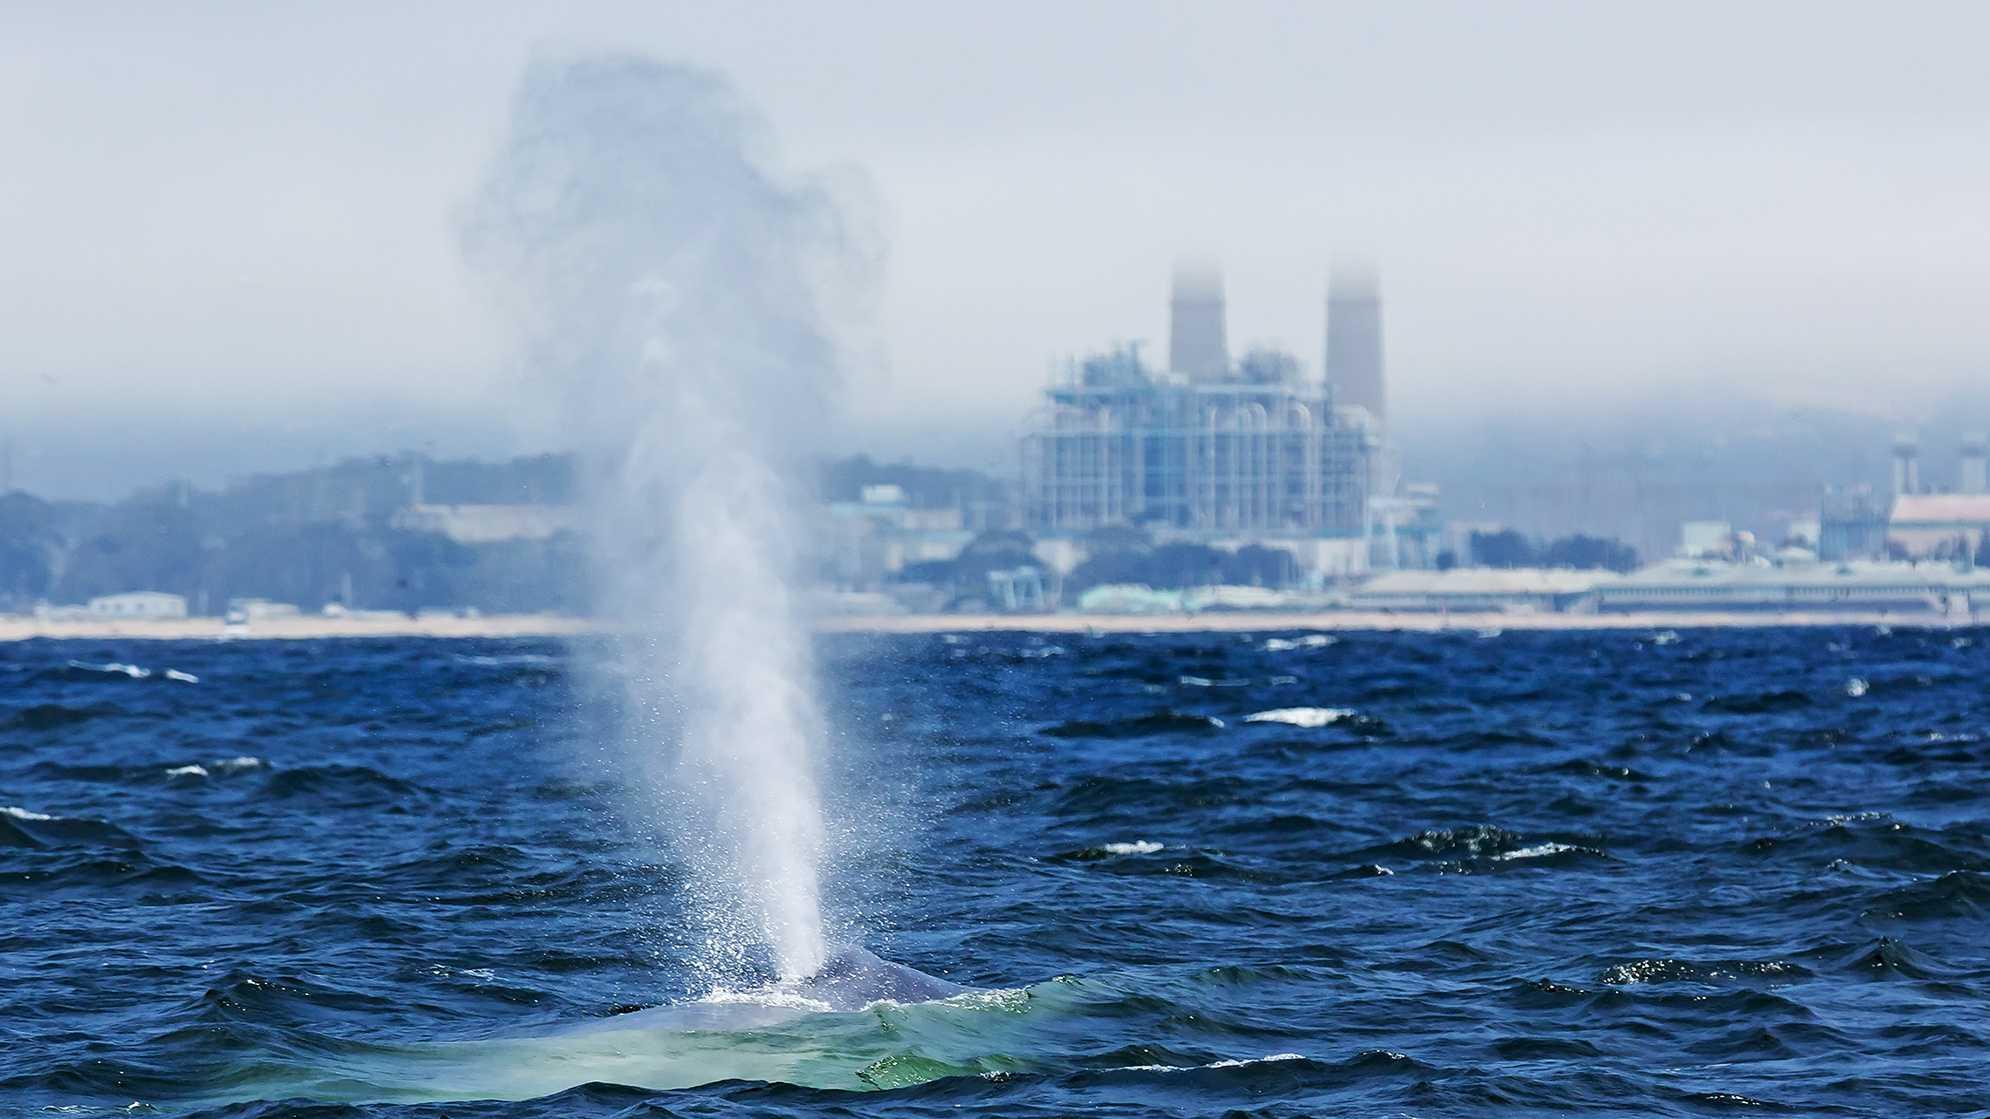 Blue whale (June 25, 2014)